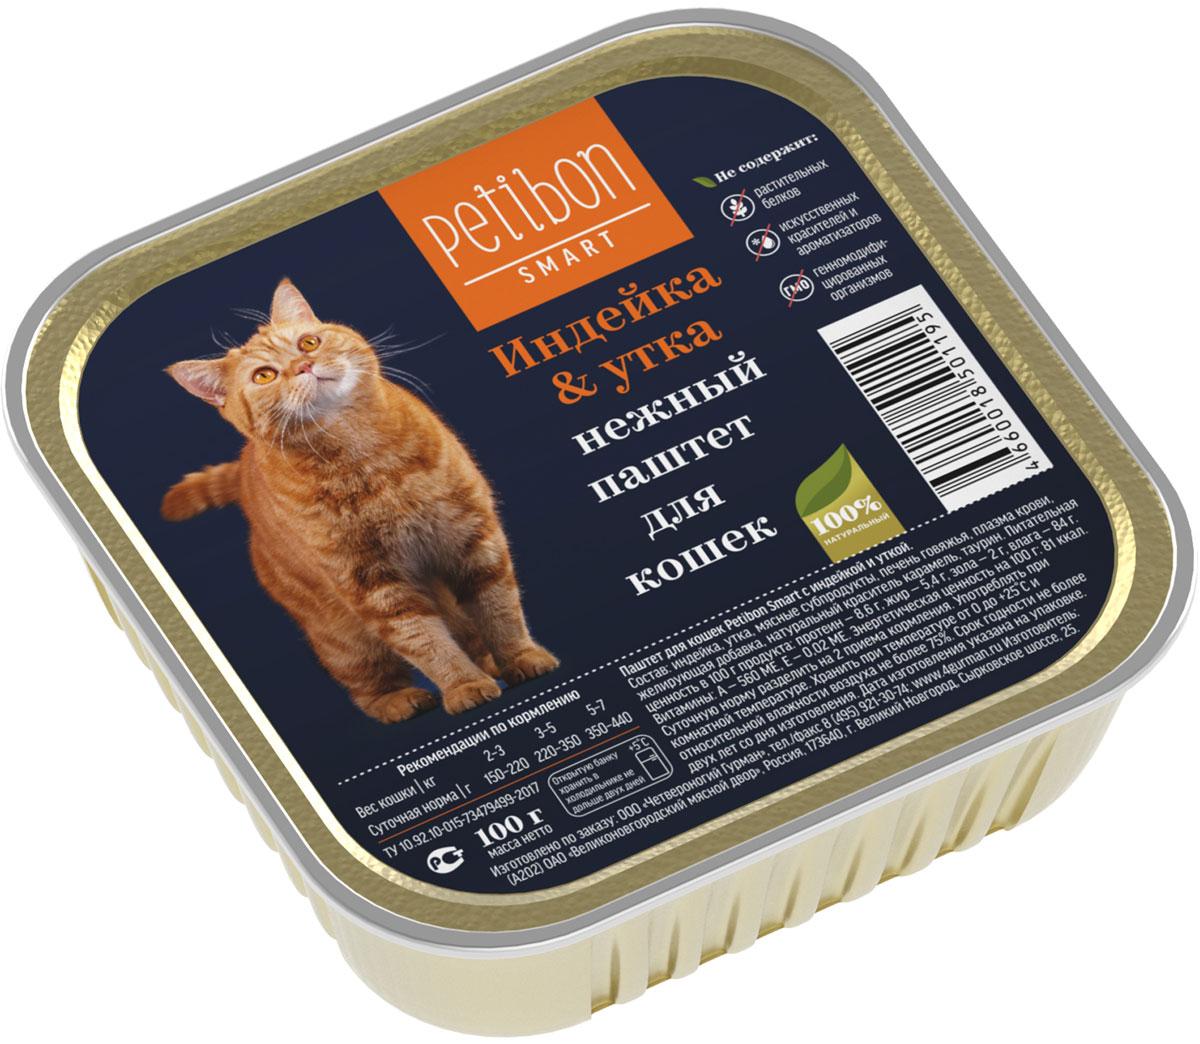 Корм консервированный для кошек Petibon Smart Паштет, с индейкой и уткой, 100 г317201002Консервы Petibon Smart Паштет - влажное мясное лакомство для кошек. Продукт представляет собой деликатесное ресторанное блюдо, адаптированное для кормления домашних животных. Лакомство обладает хорошей питательной ценностью и легко усваивается. Рецептура разработана при участии ветеринарного врача. Употребление в пищу питомцем абсолютно безопасно.Состав: индейка, утка, мясные субпродукты. Печень говяжья, плазма крови, желирующая добавка, натуральный краситель карамель, таурин. Протеин — 8,6 г, жир — 5,4 г, зола — 2 г, влага — 84 г. А — 560 МЕ, Е — 0,02 МЕ.Товар сертифицирован.